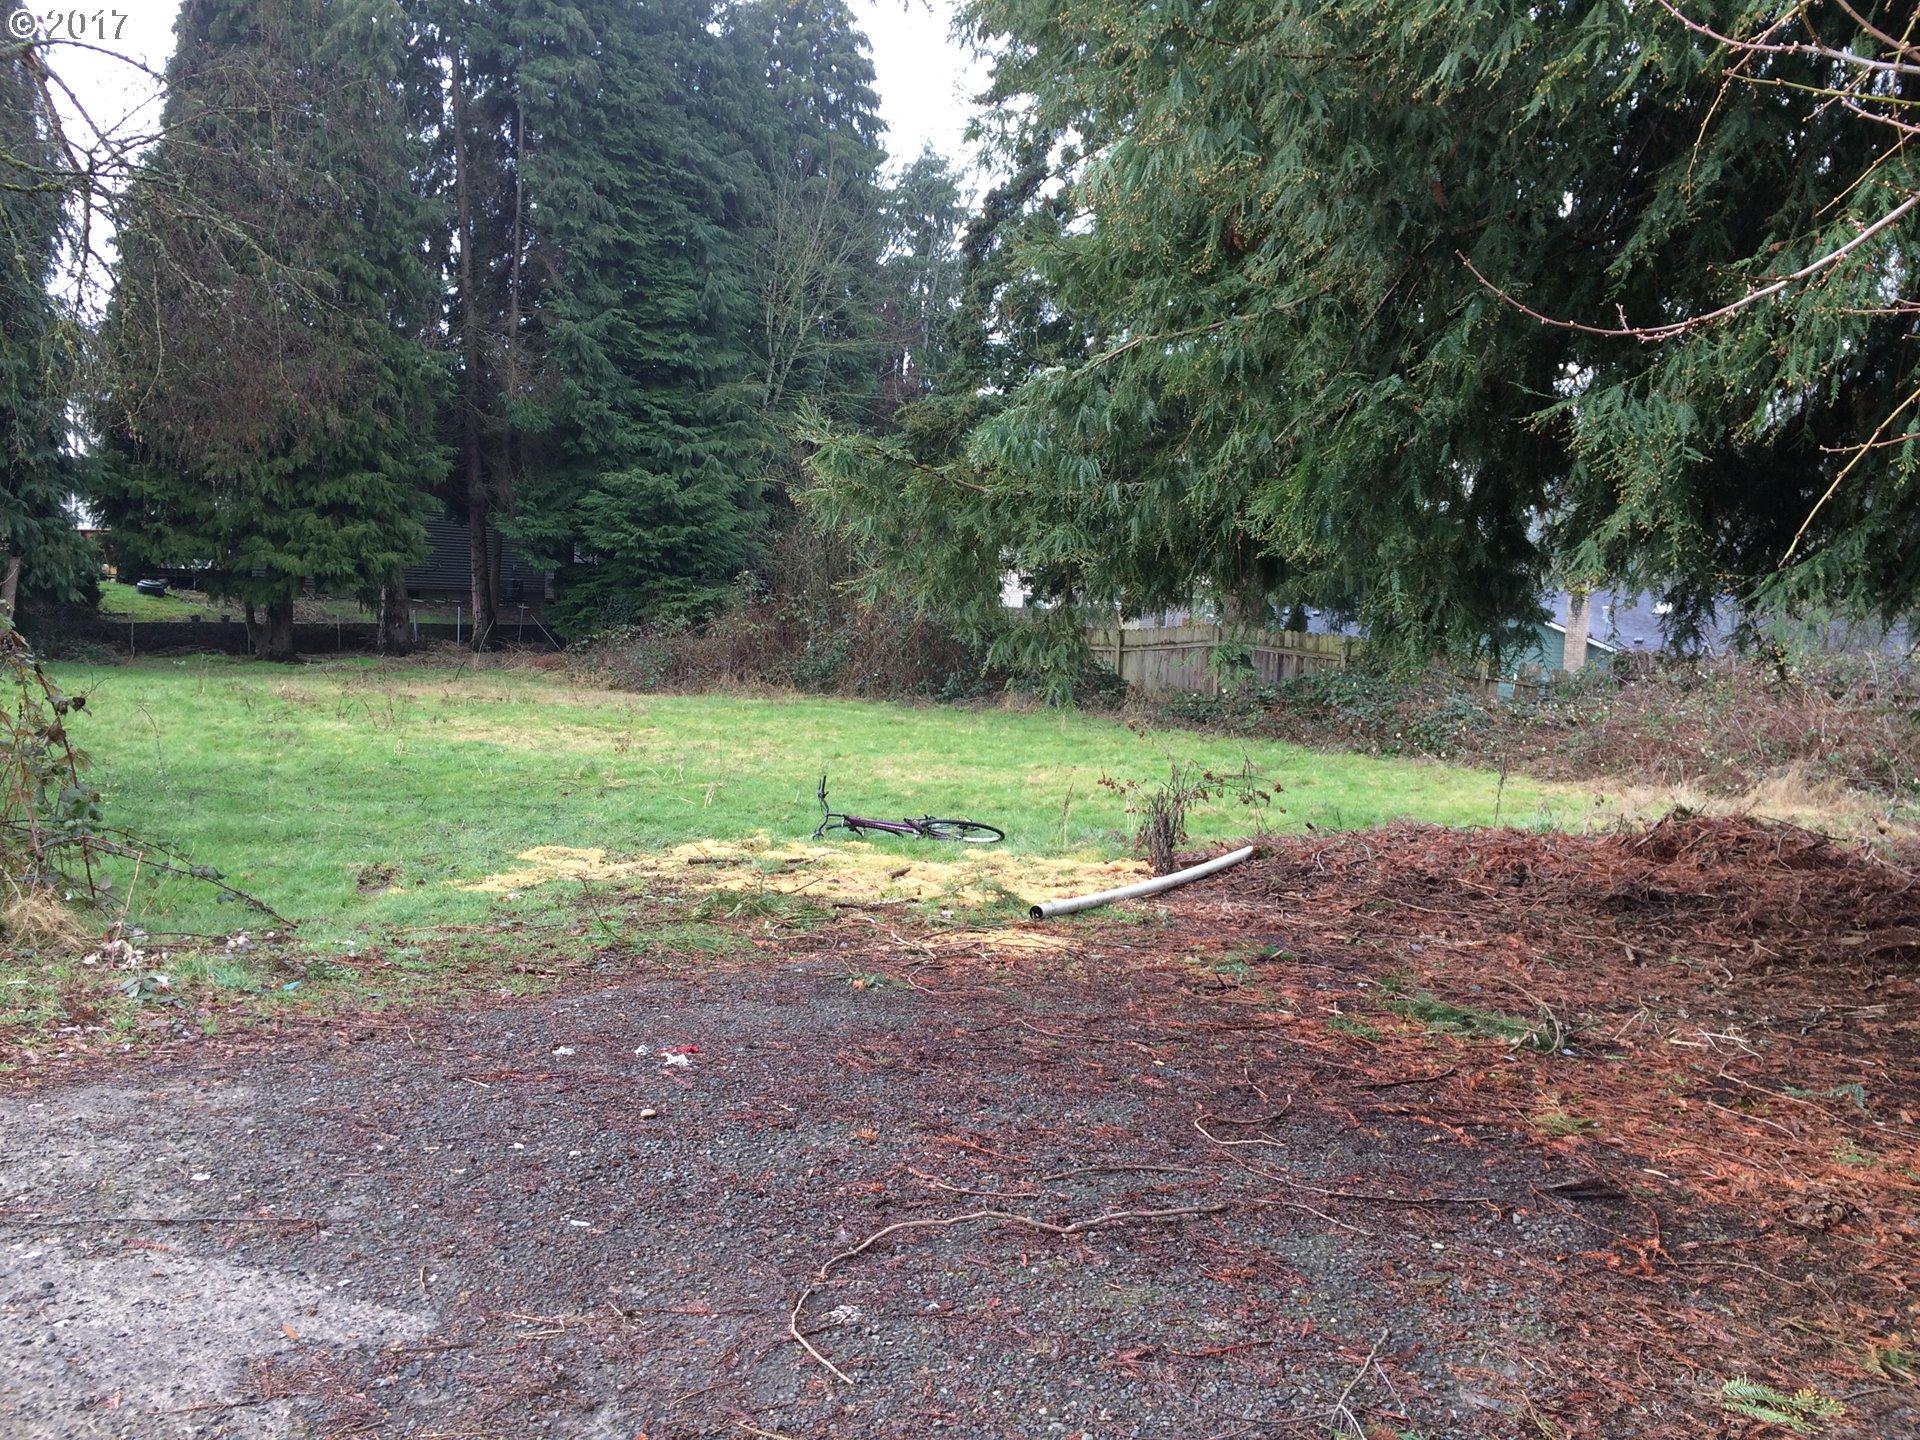 9610 NE 25TH AVE, Vancouver, WA 98665